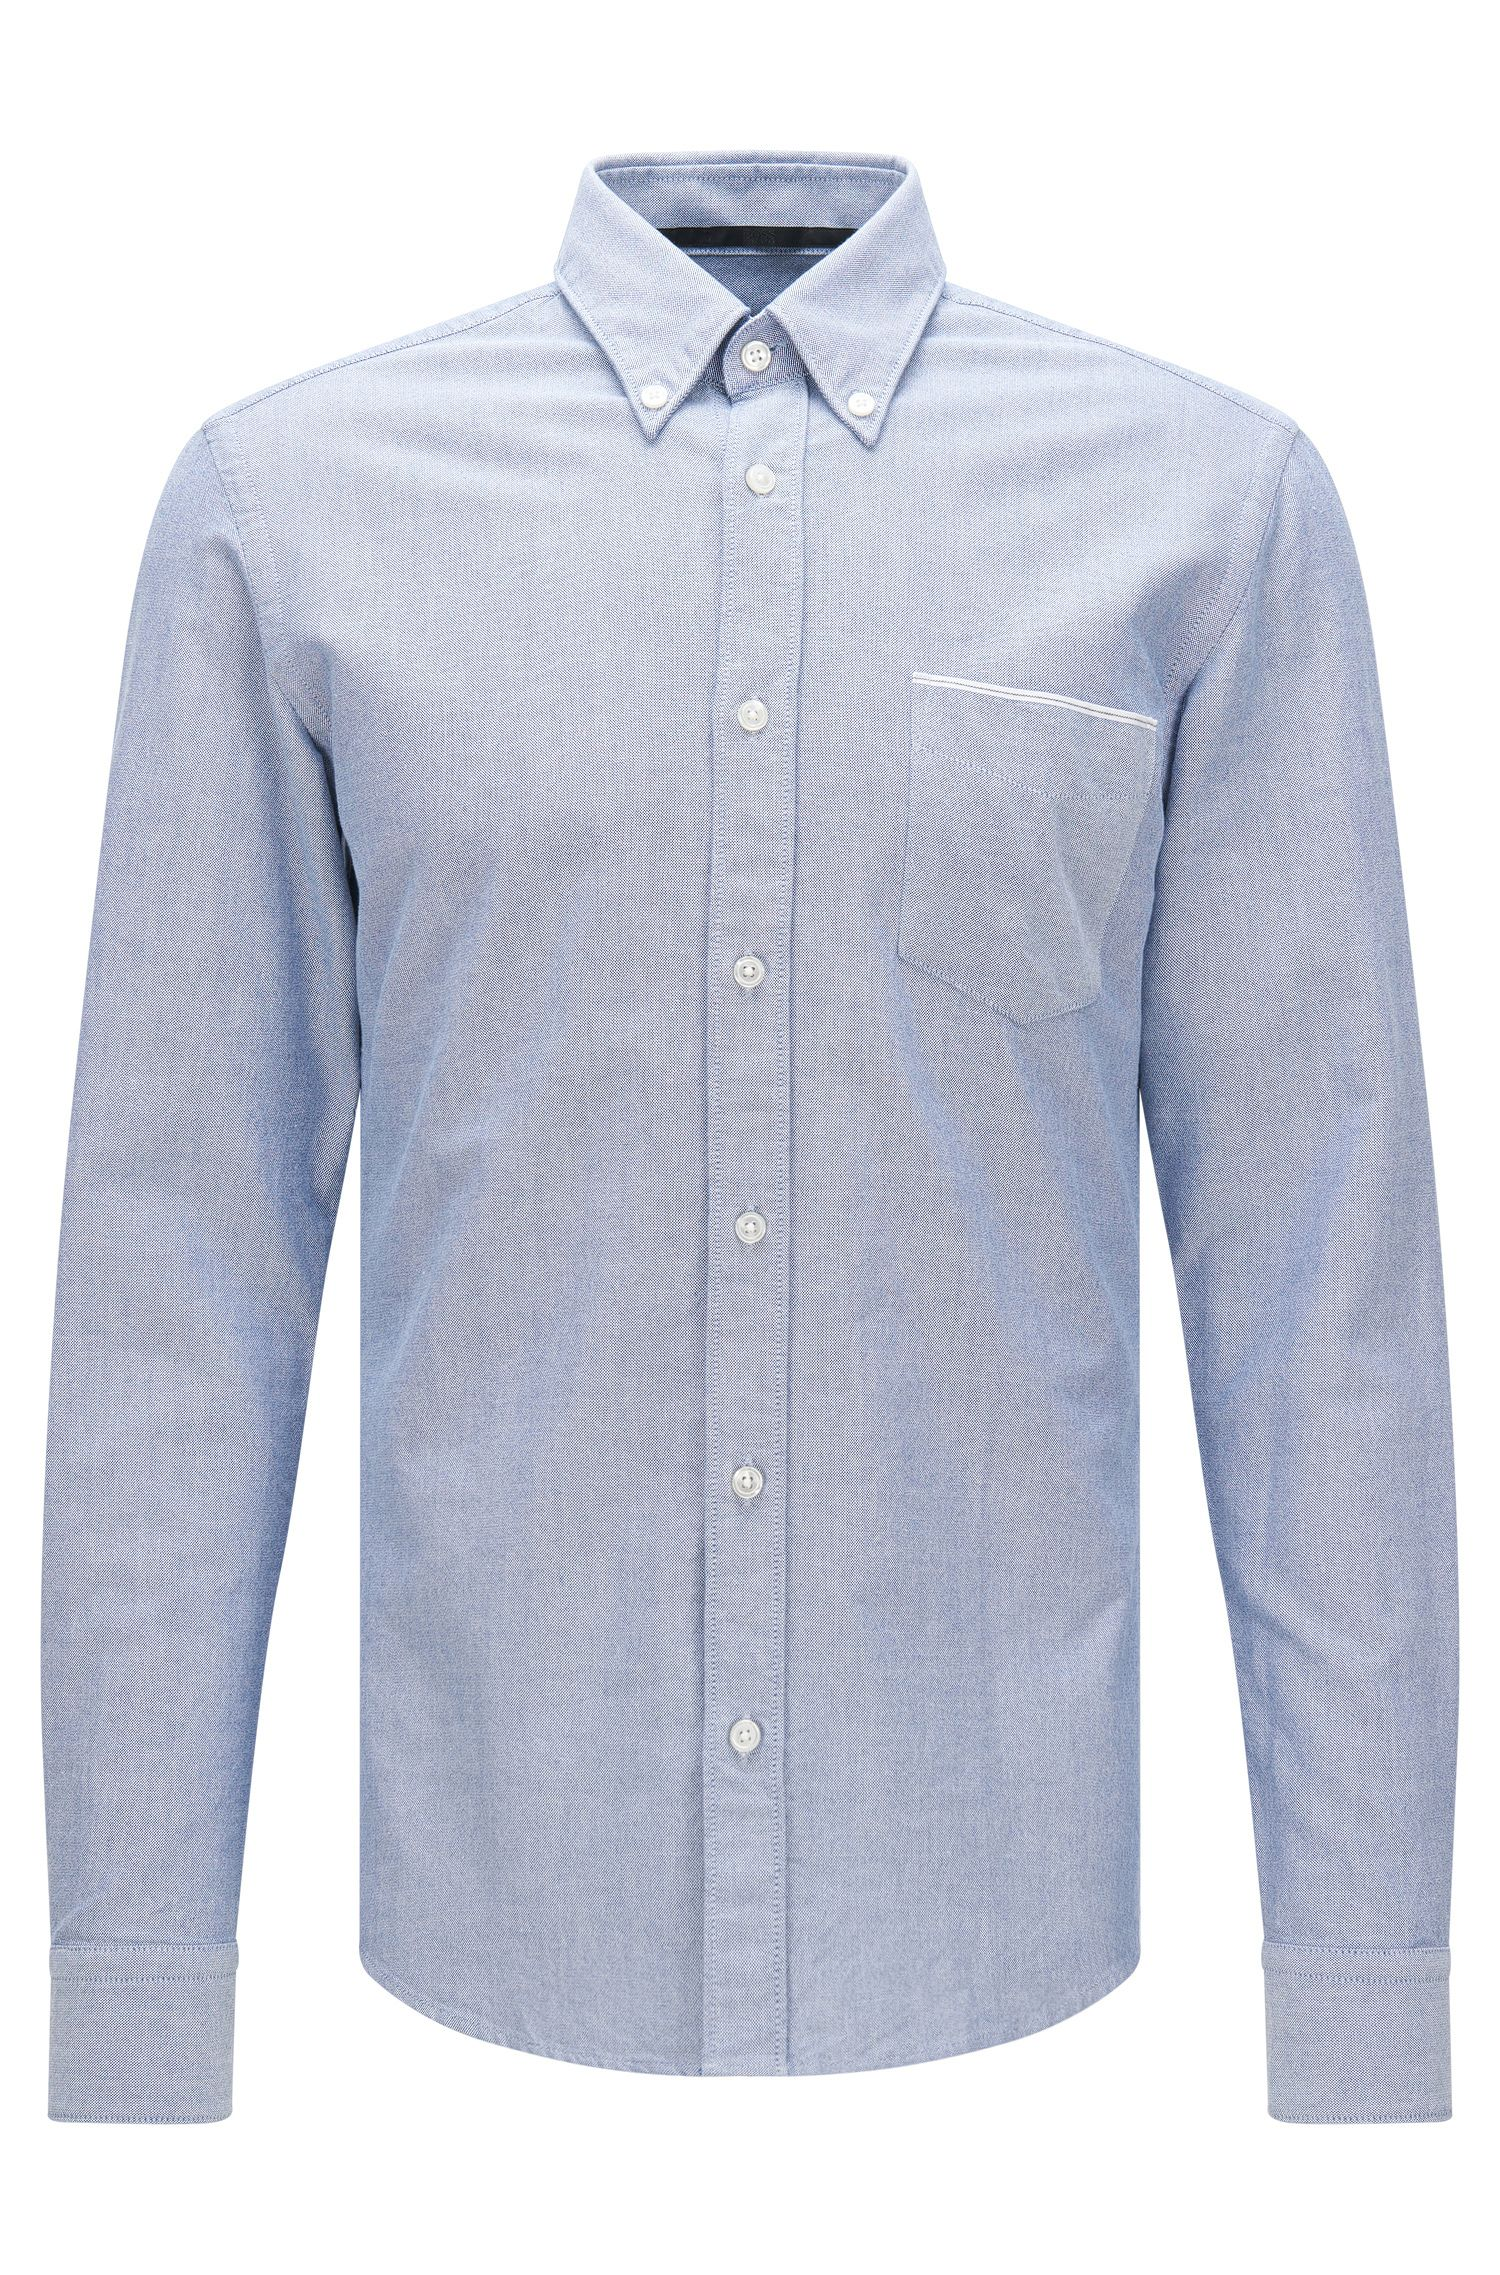 Chemise Slim Fit en coton, avec poche-poitrine plaquée: «Rubens_P»